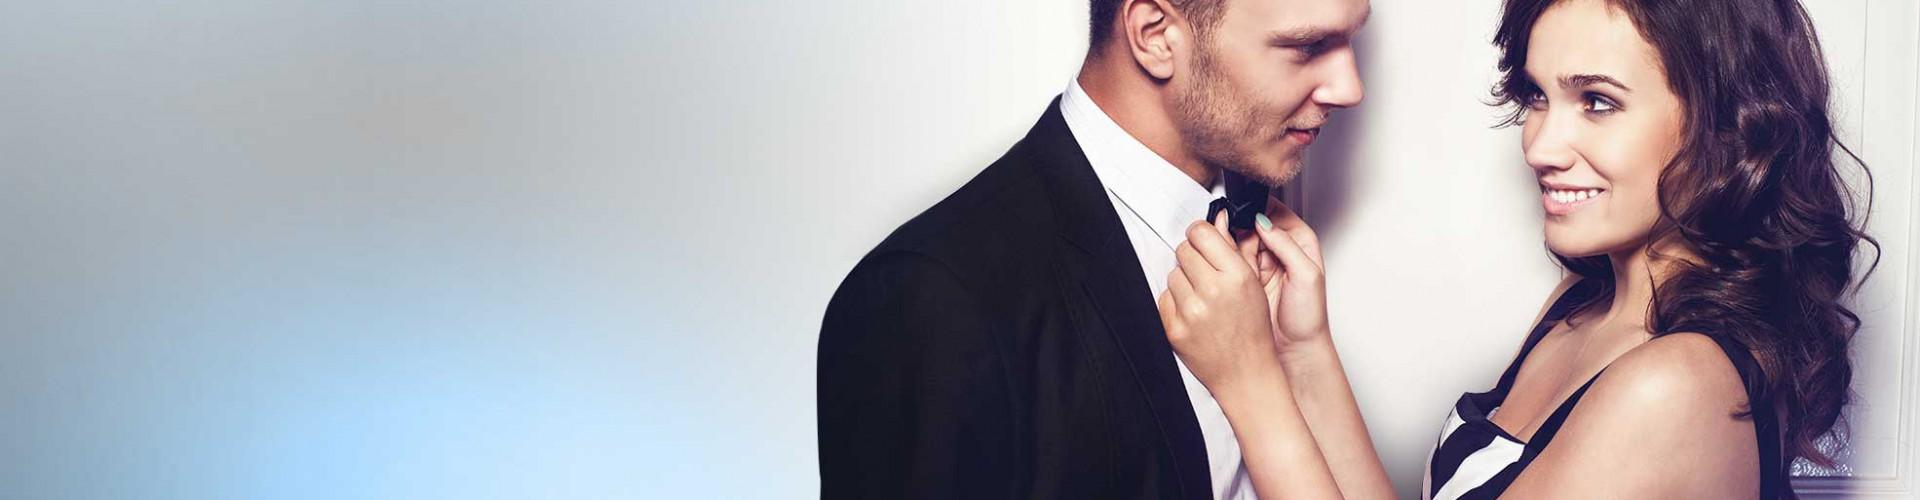 Tres consejos sobre el sexo virtual